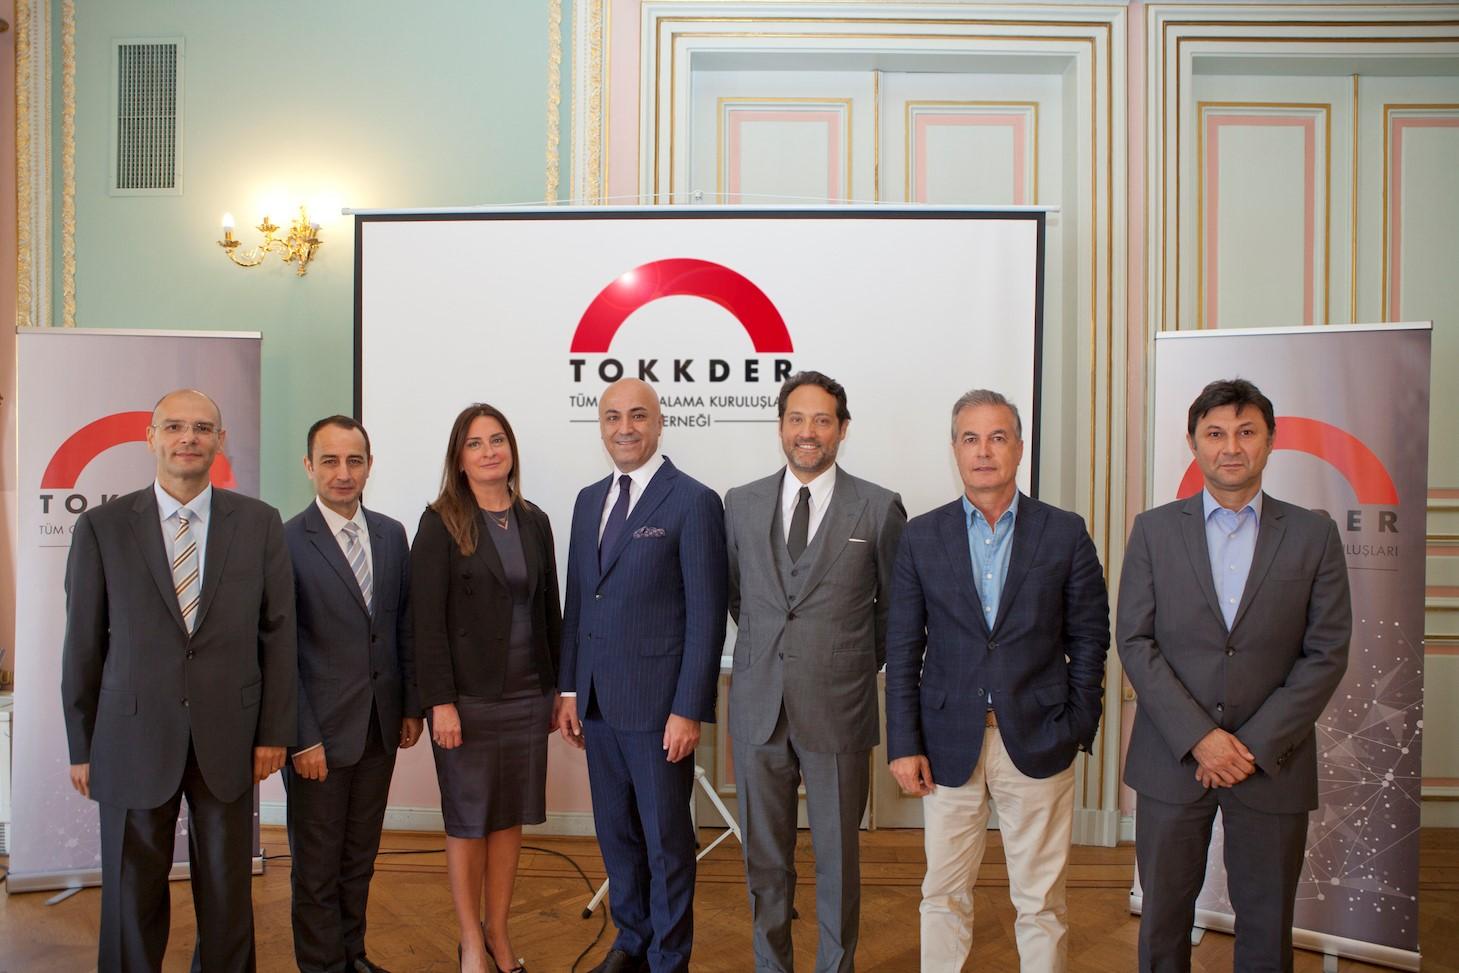 Bankacılık Sektörü TOKKDER Panelinde Buluştu!